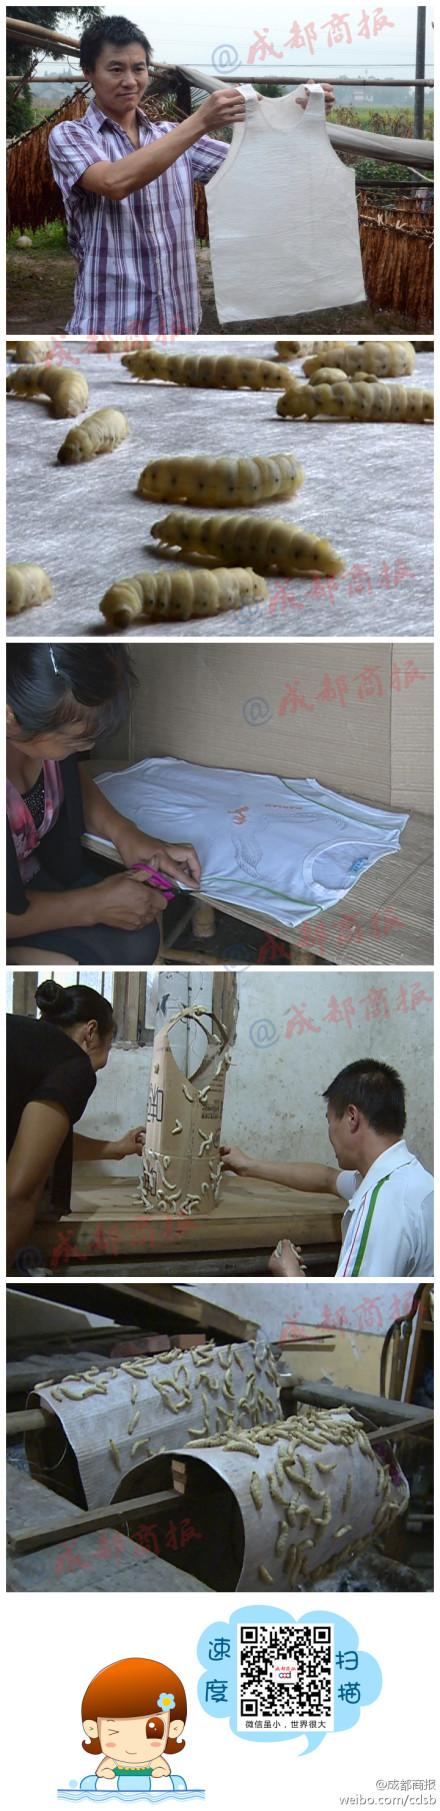 중국 어느 농촌에서 누에고치로 만든 옷